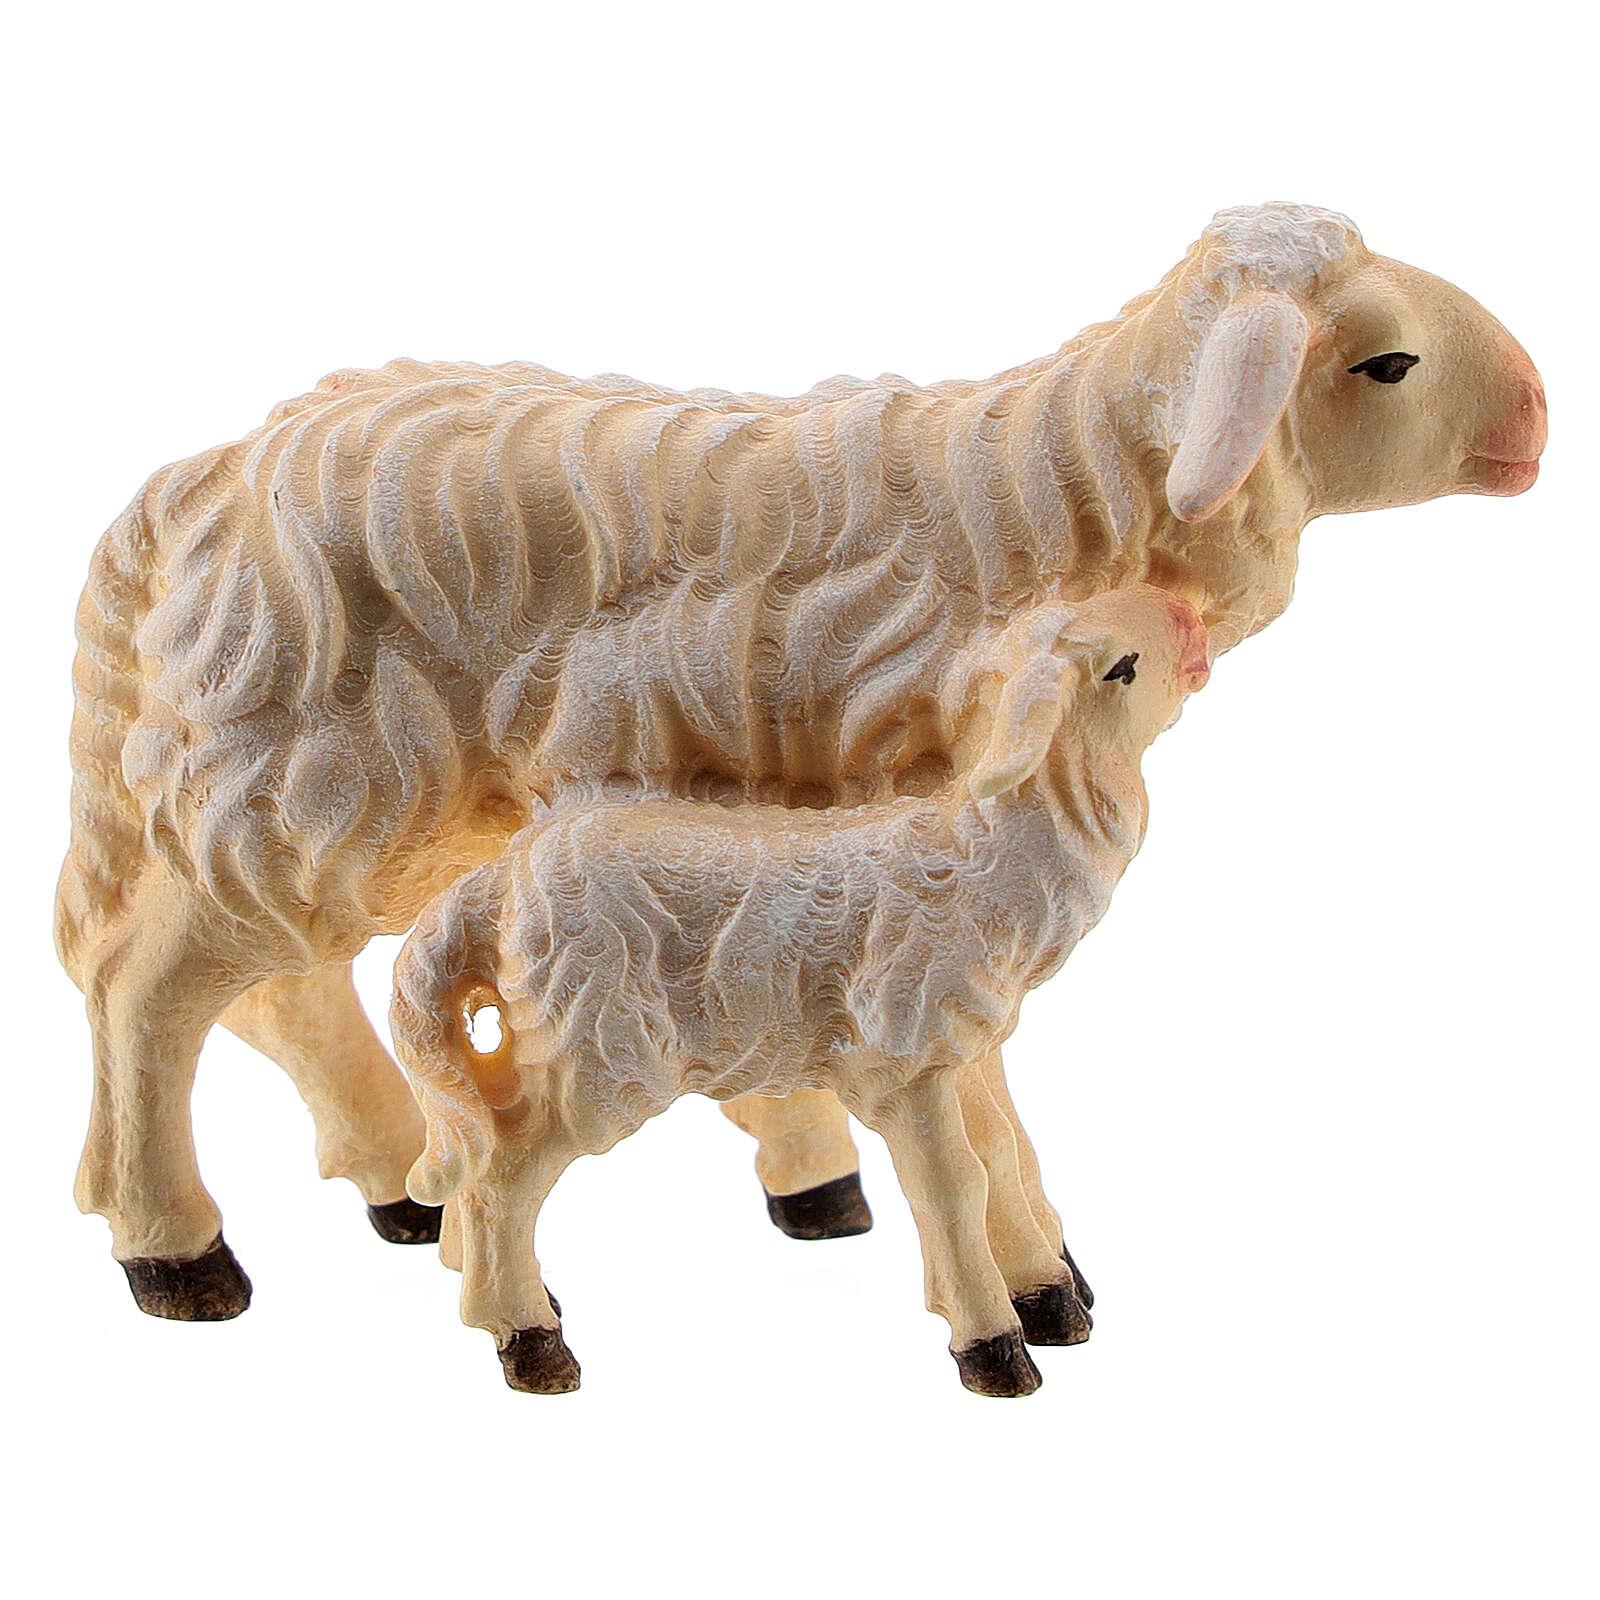 Mouton et agneau debout bois peint Kostner crèche 9,5 cm 4